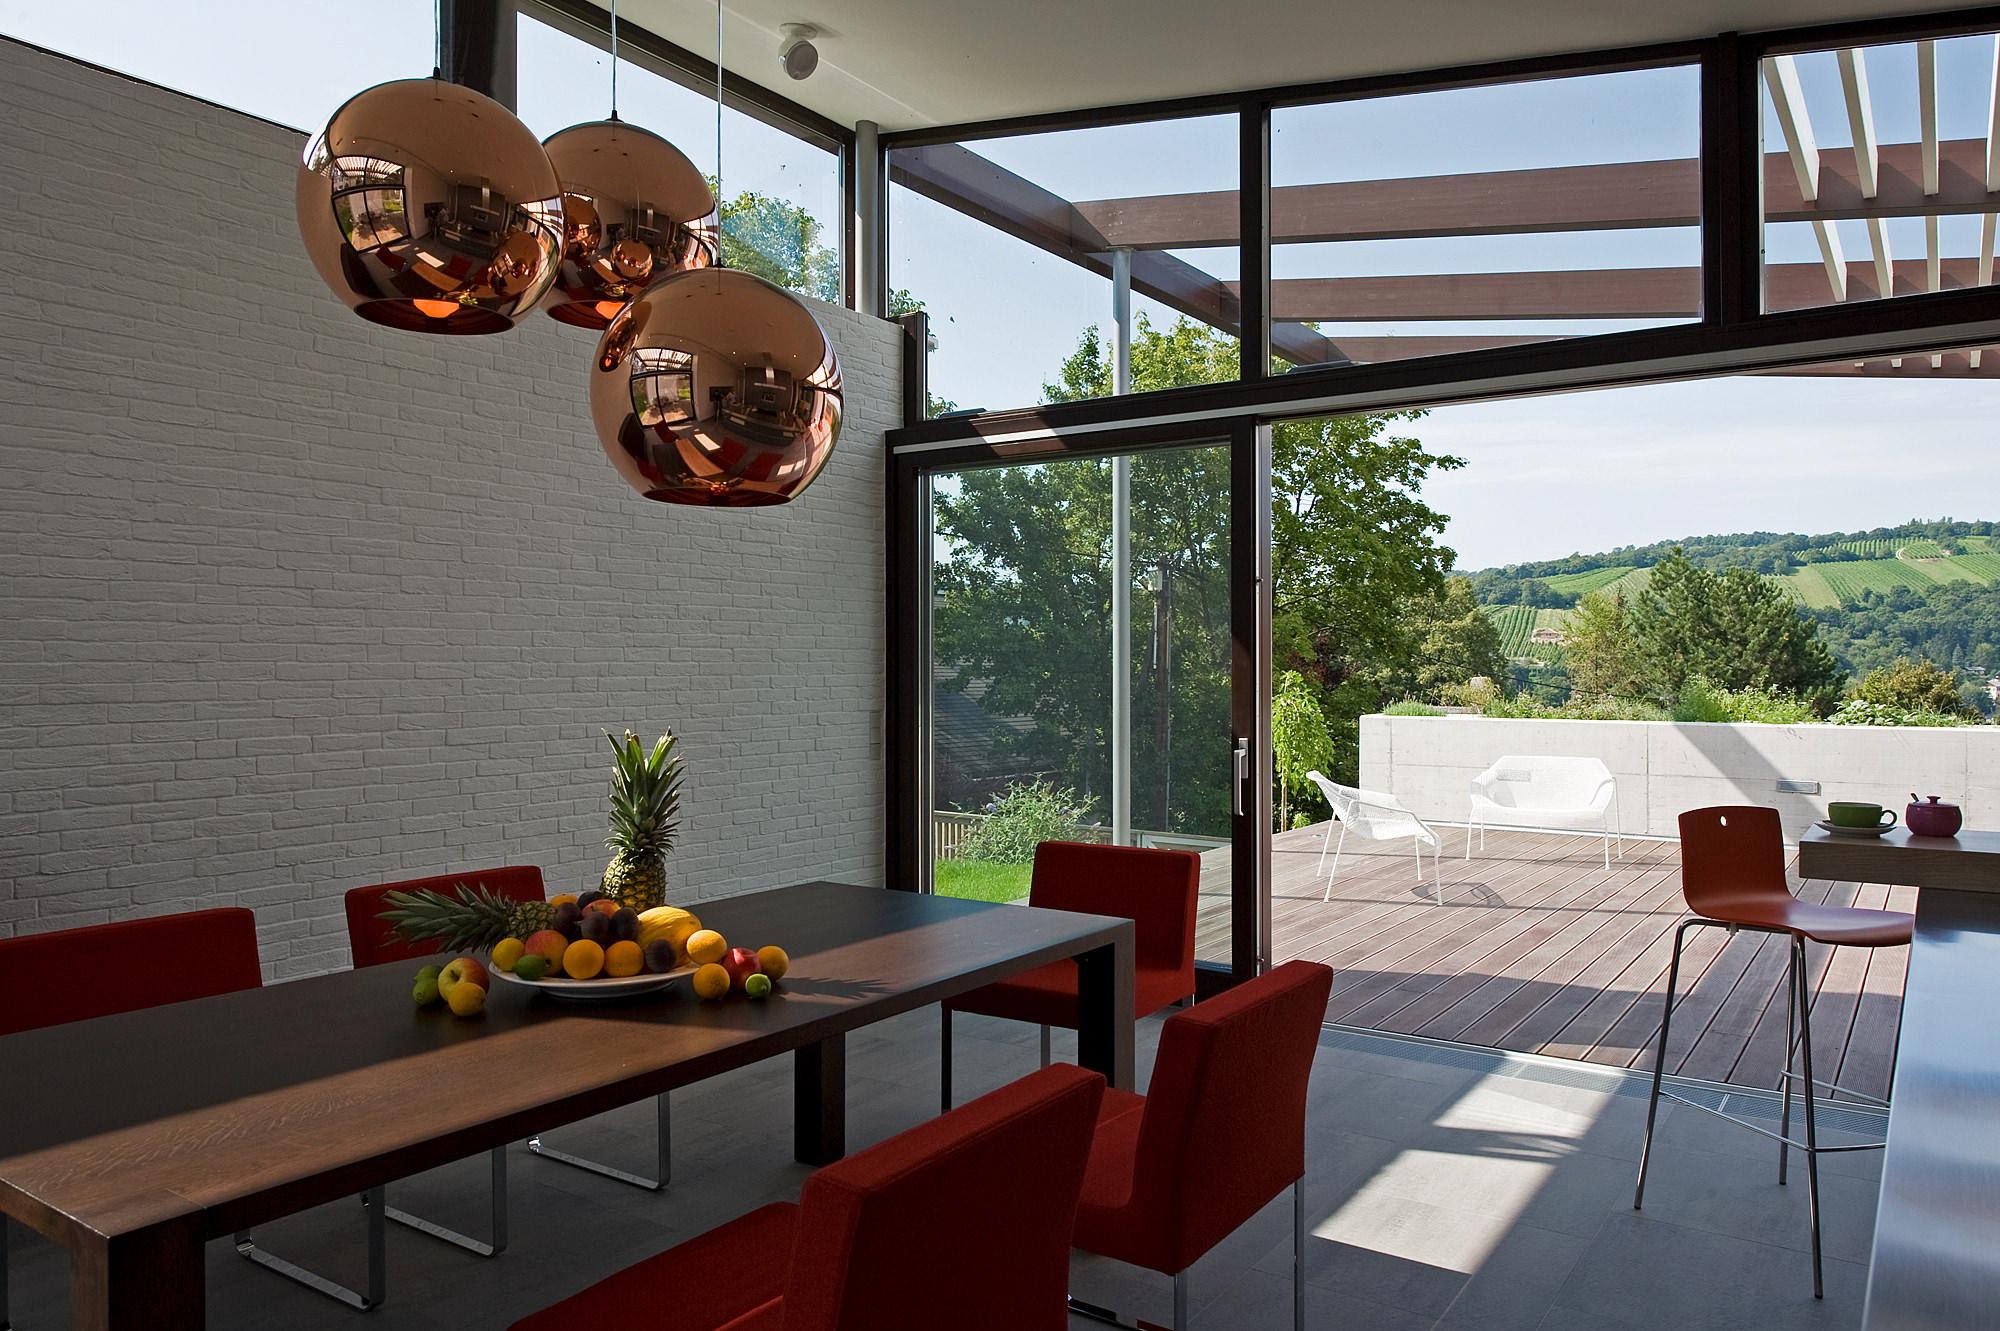 haus_rw_06_niedrigenergie_villa_in_klosterneuburg_niederoesterreich_junger_beer_architektur